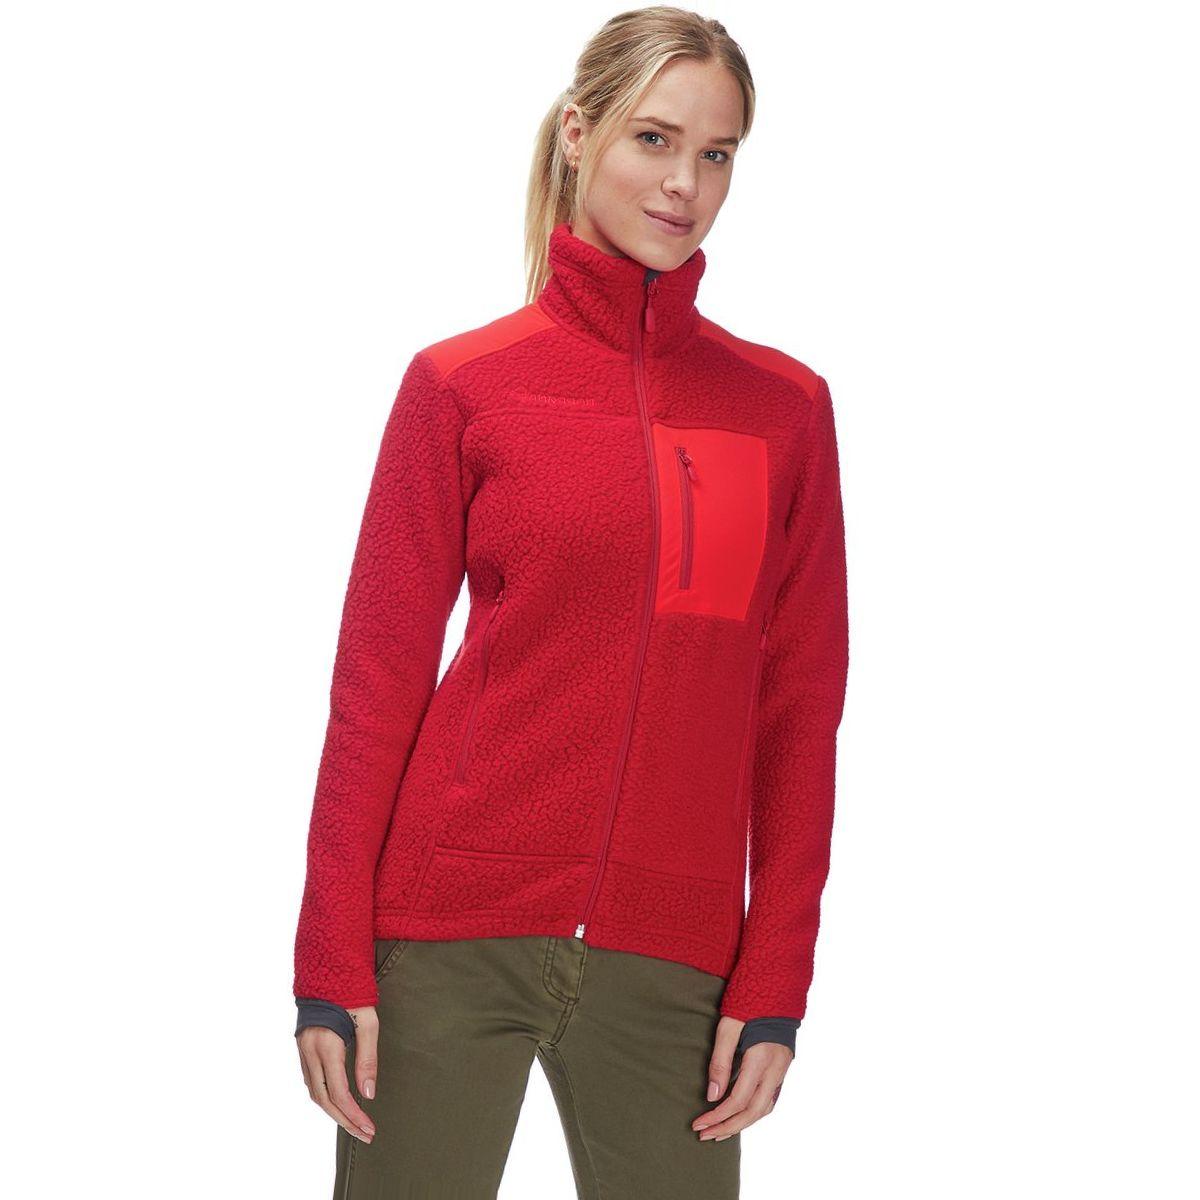 Norrona Trollveggen Thermal Pro Jacket - Women's